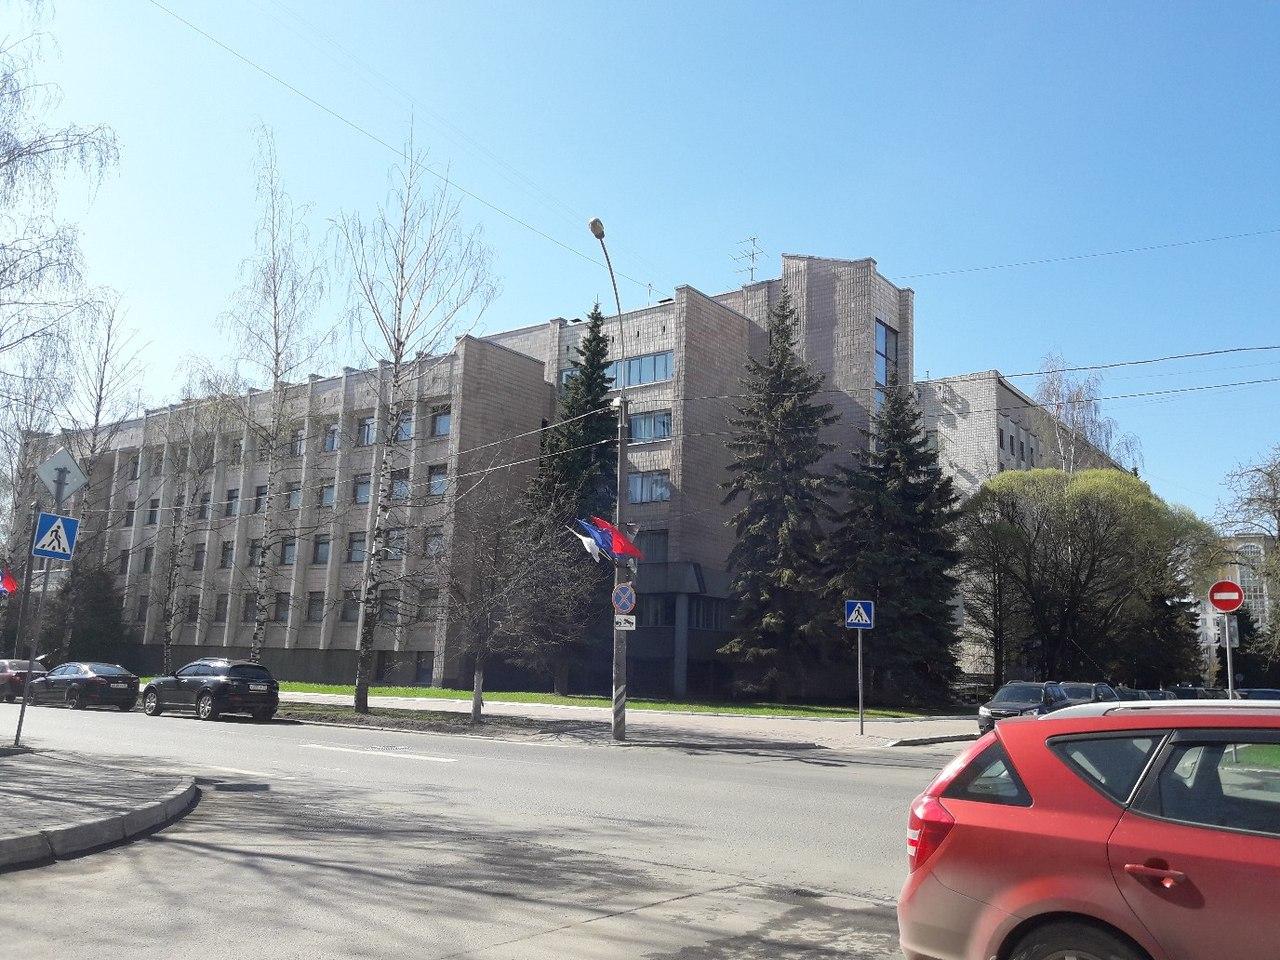 Более 100 млн рублей потратят областные власти на ремонт здания для своих сотрудников в Вологде